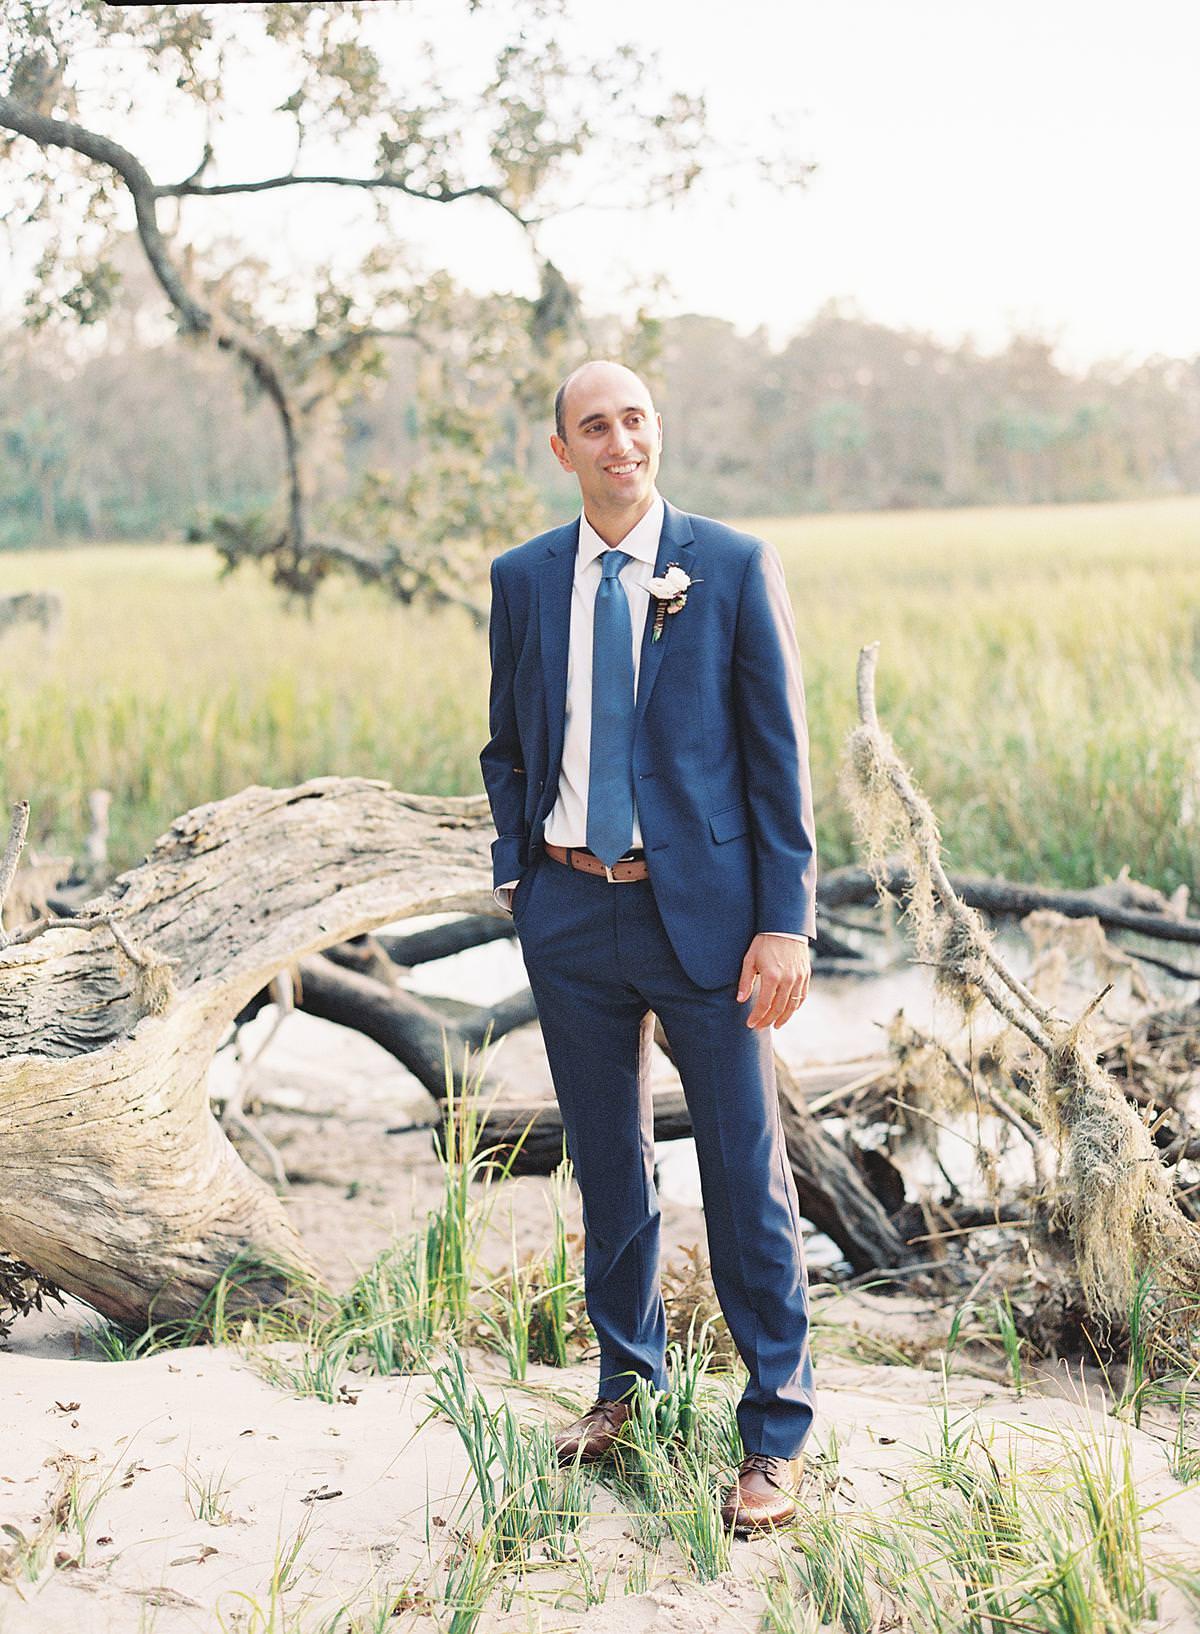 hilton head groom portrait